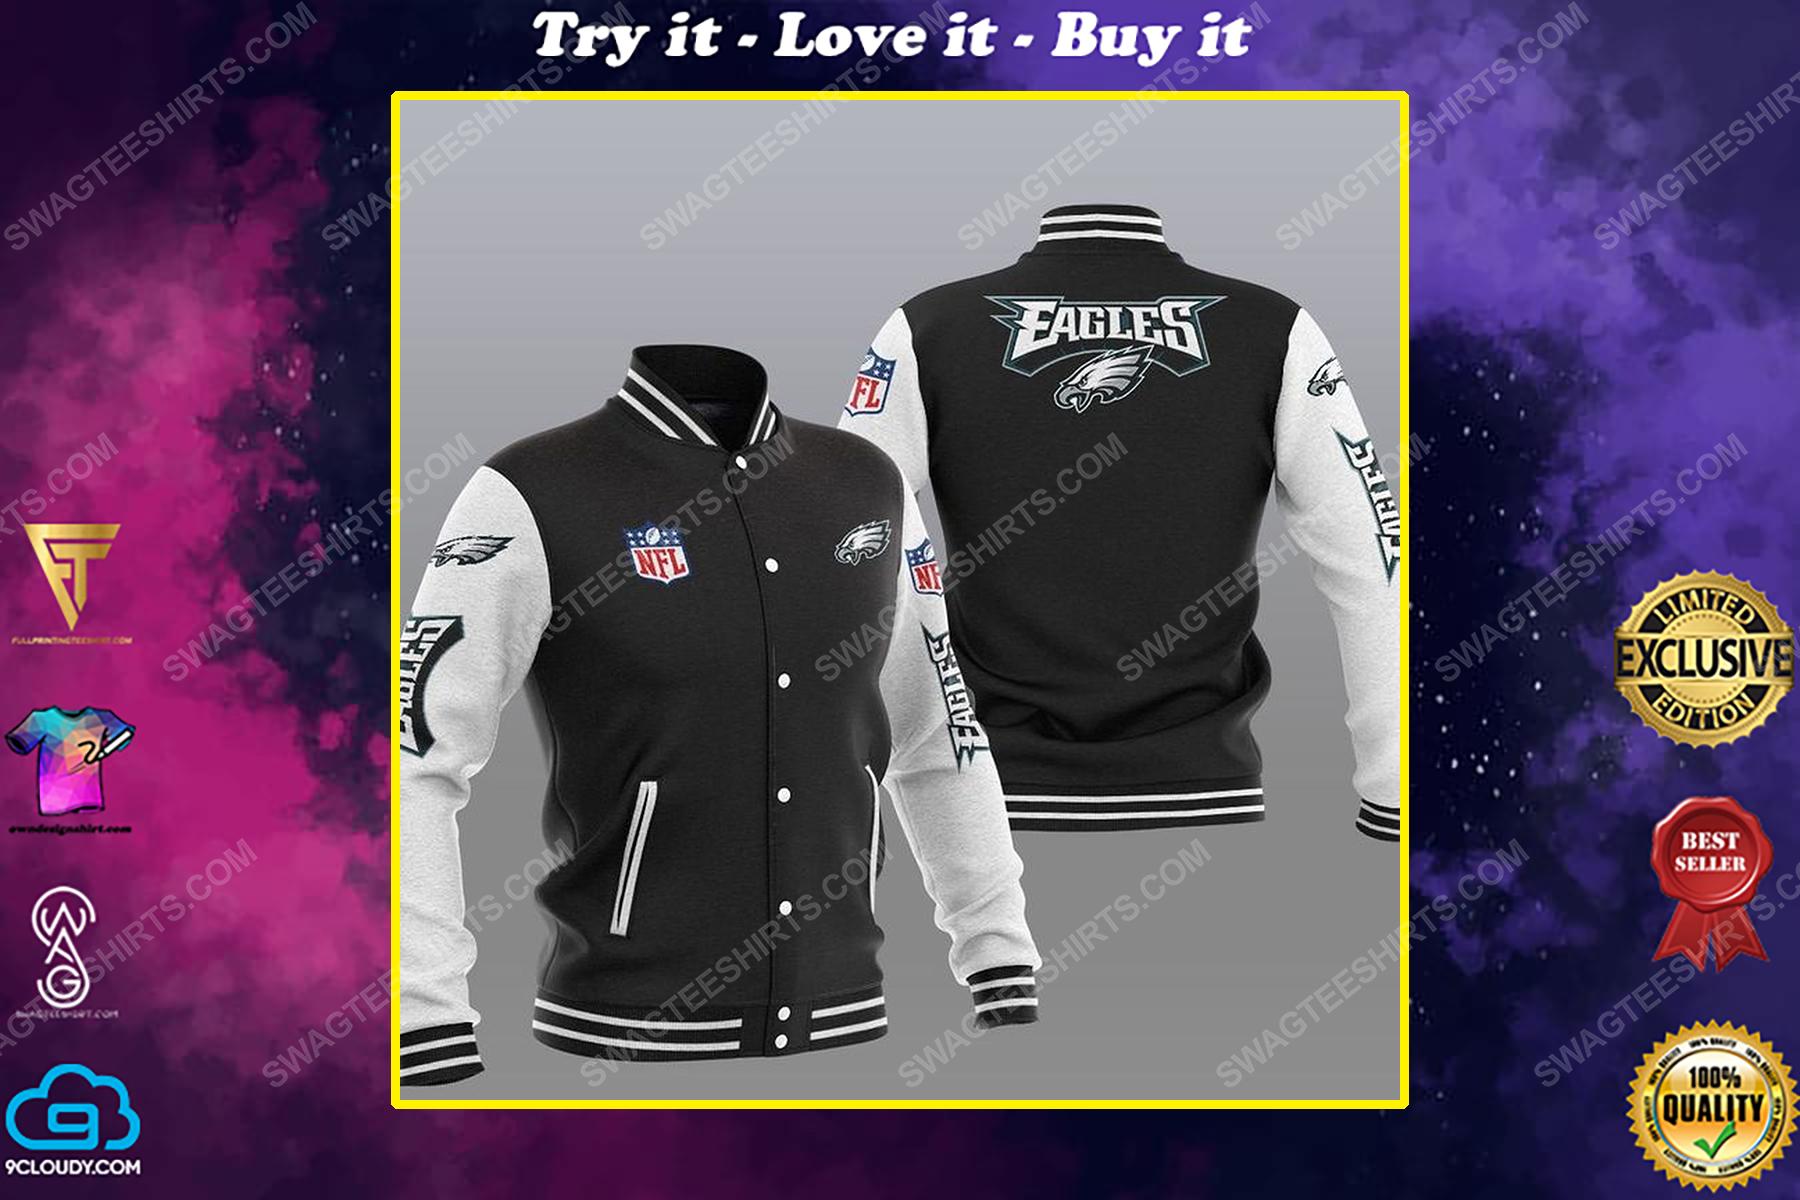 The philadelphia eagles nfl all over print baseball jacket